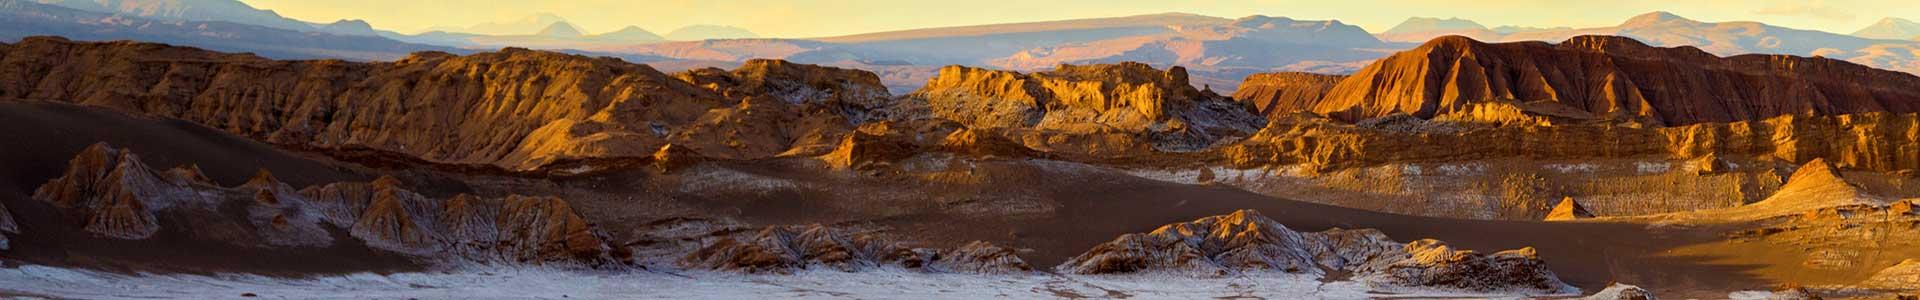 Voyage en Bolivie - TUI